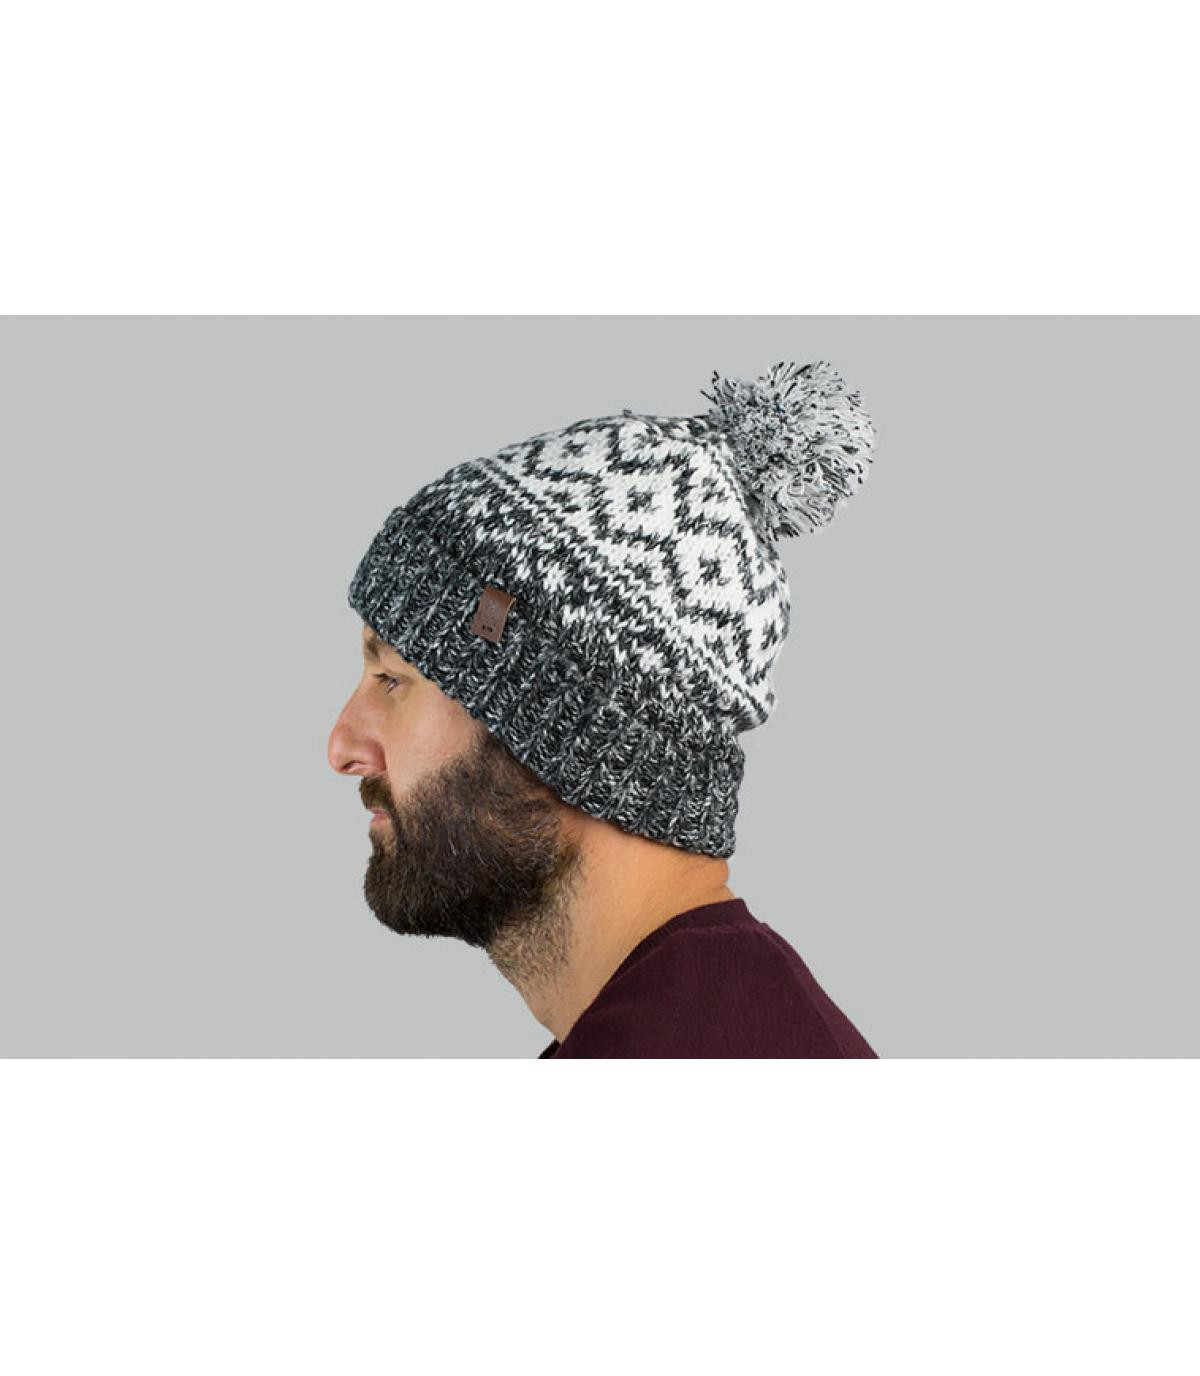 Mütze Motiv grau weiß